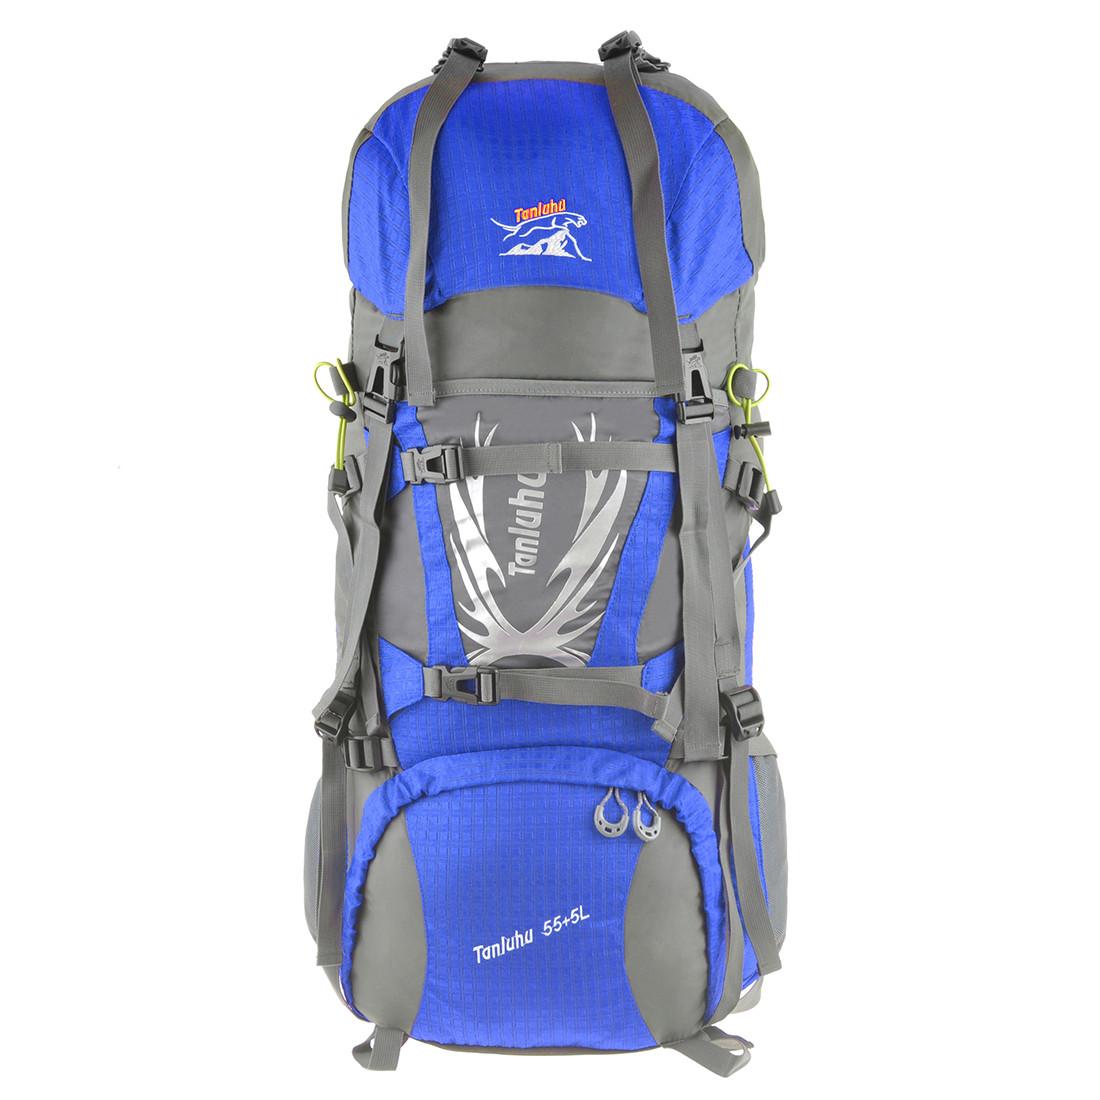 Рюкзак туристичний TANLUHU 80х32х24 55+5л блакитний Polyester Oxford Rip Stop PU 600D/1600D кс627гол